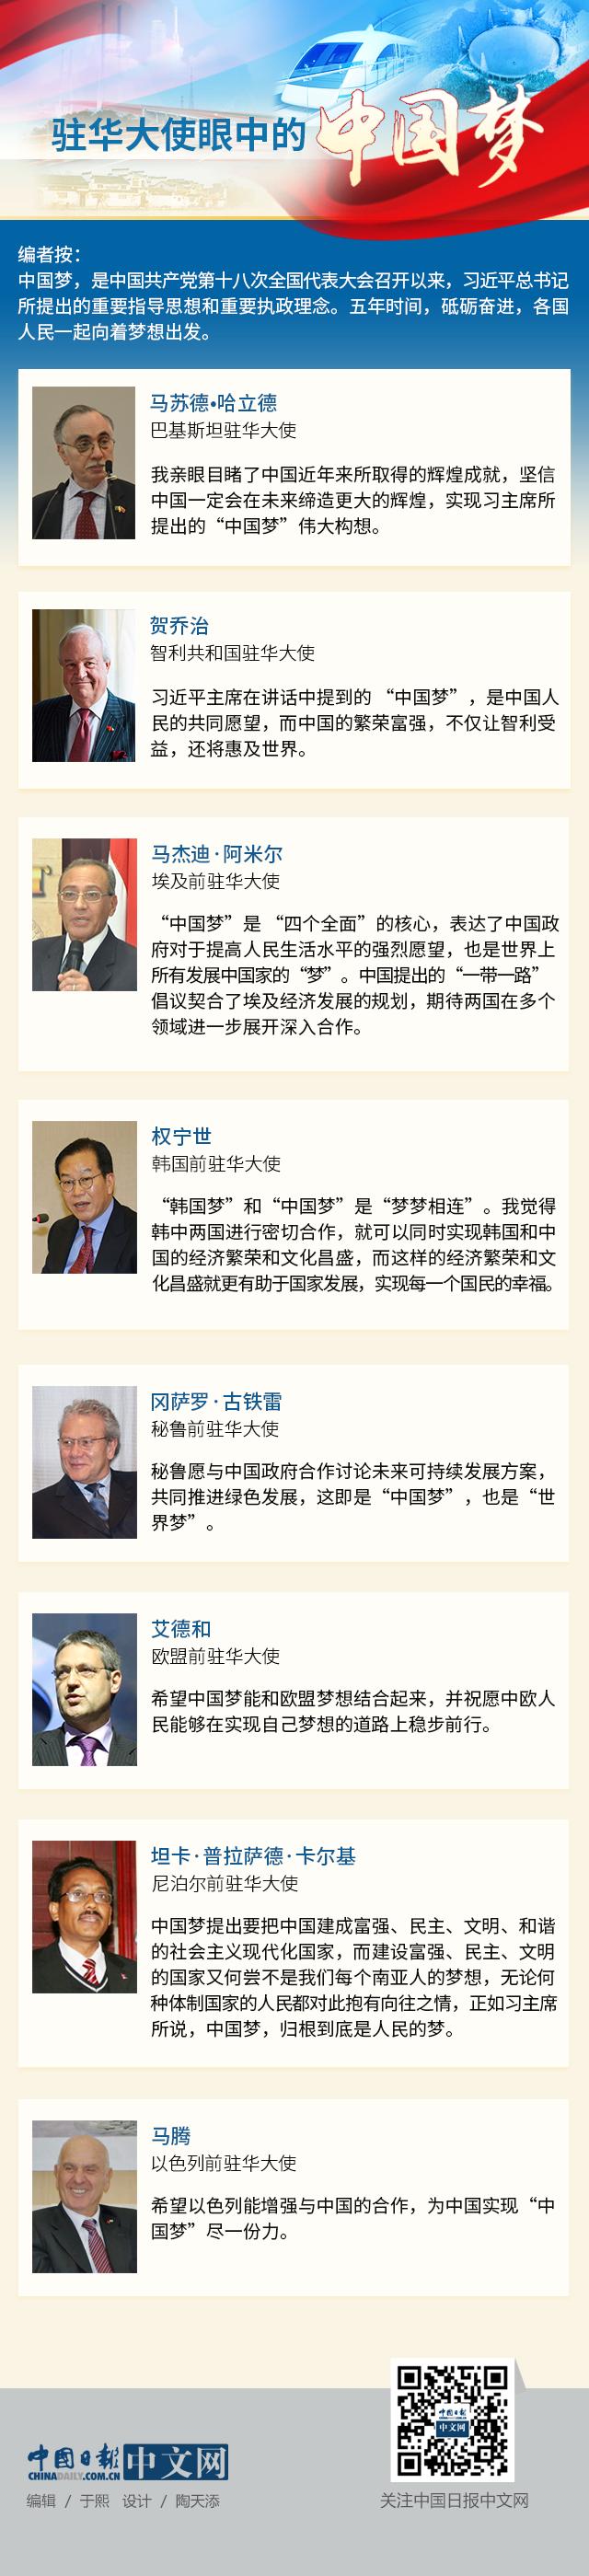 驻华大使眼中的中国梦